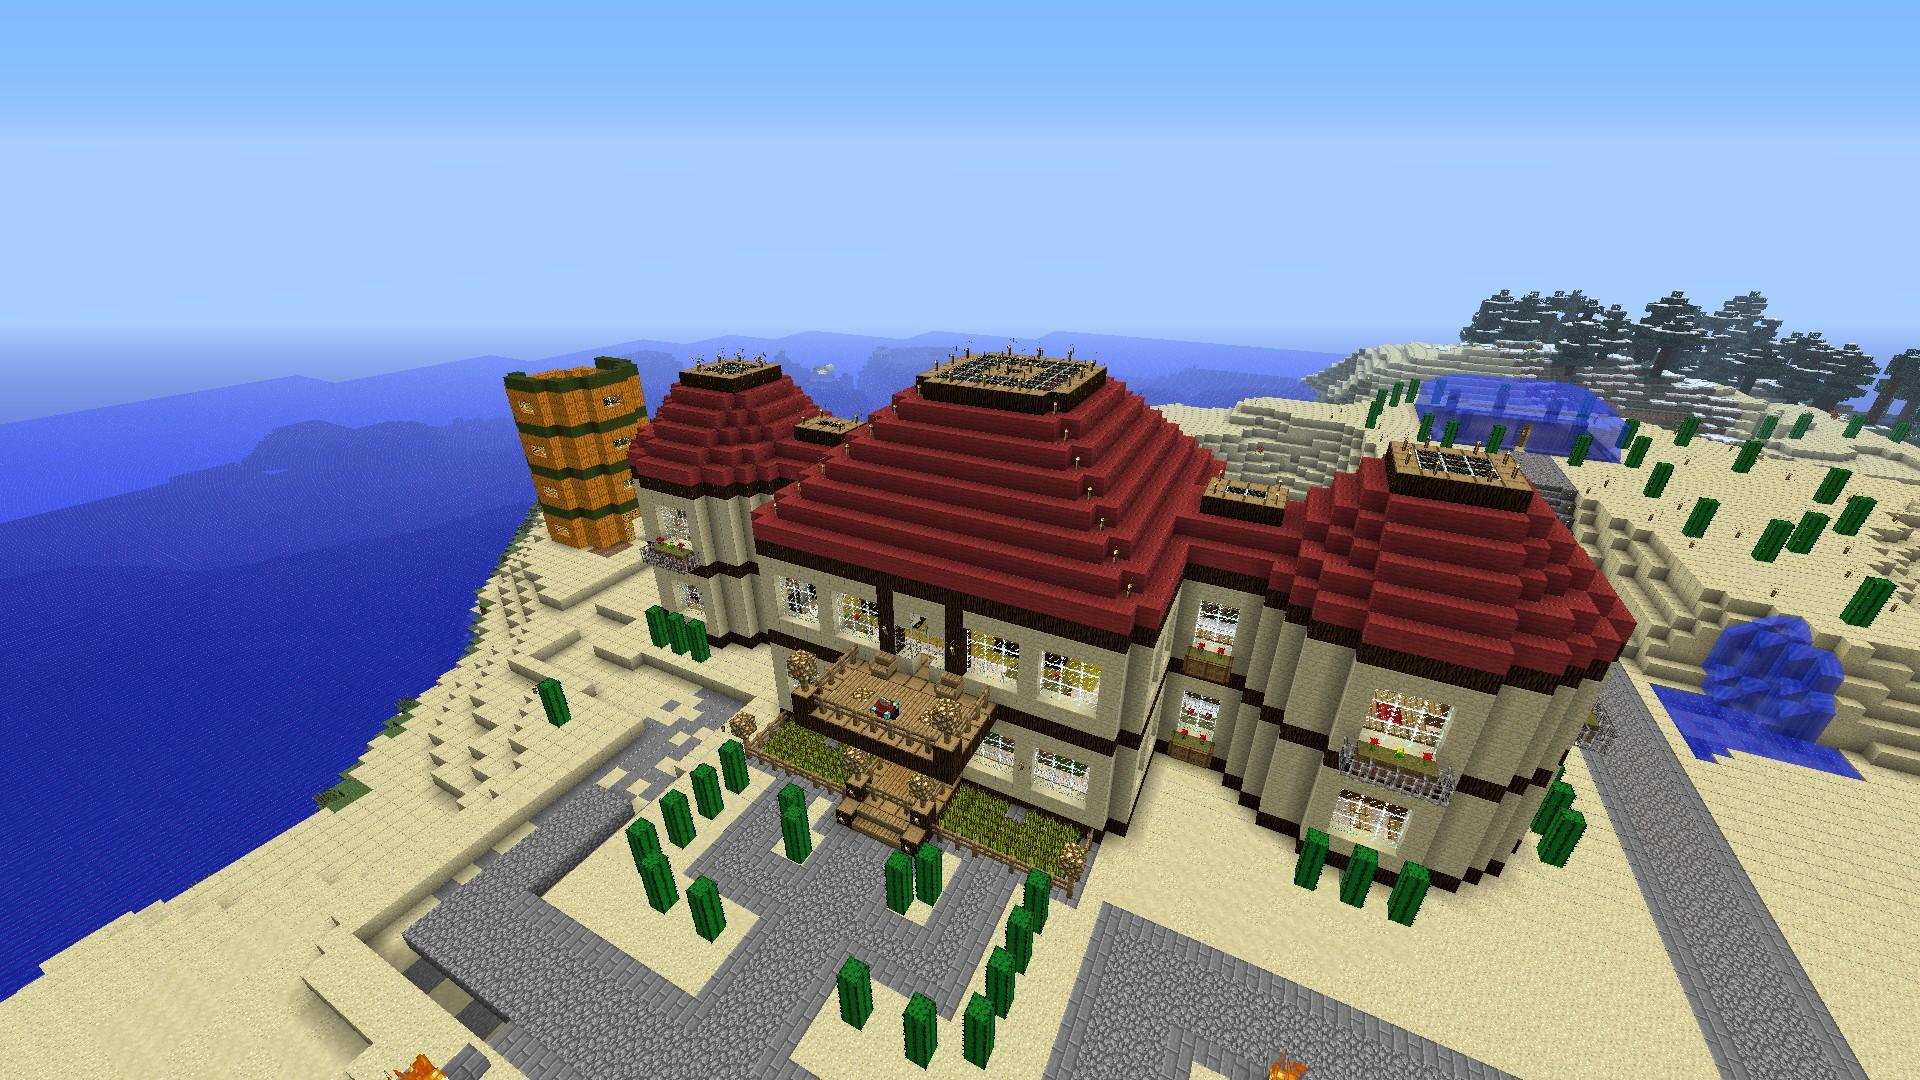 Minecraft XboxVersion Mit Mio Verkauften Exemplaren News - Minecraft verkaufte spiele